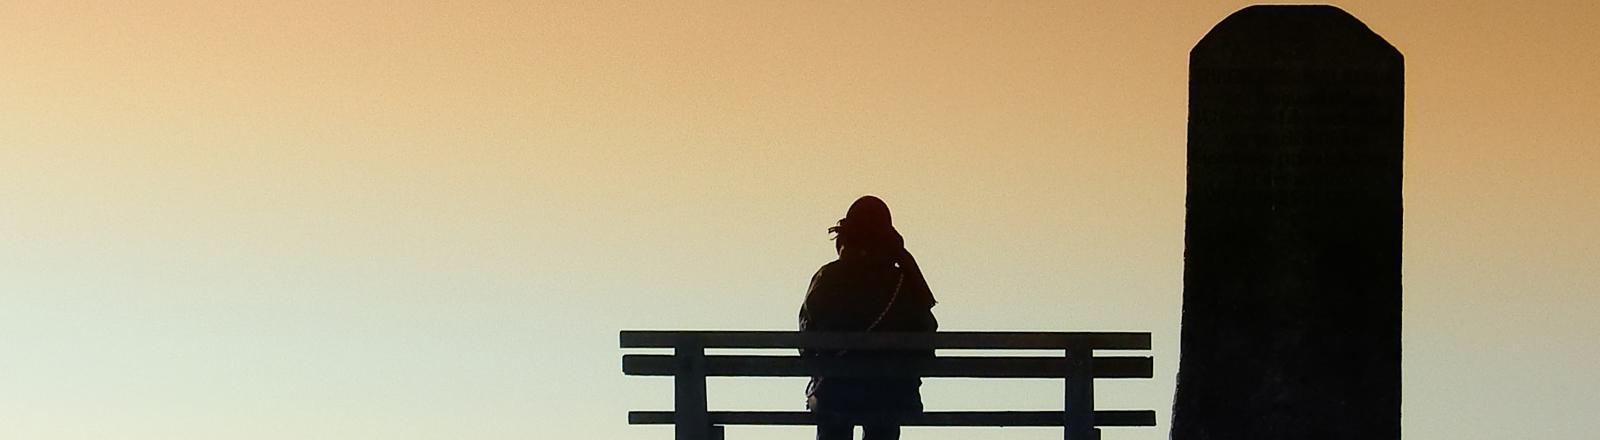 Ein Mensch sitzt einsam auf einer Bank und blickt in den Sonnenuntergang, neben ihm ein hoher Grabstein